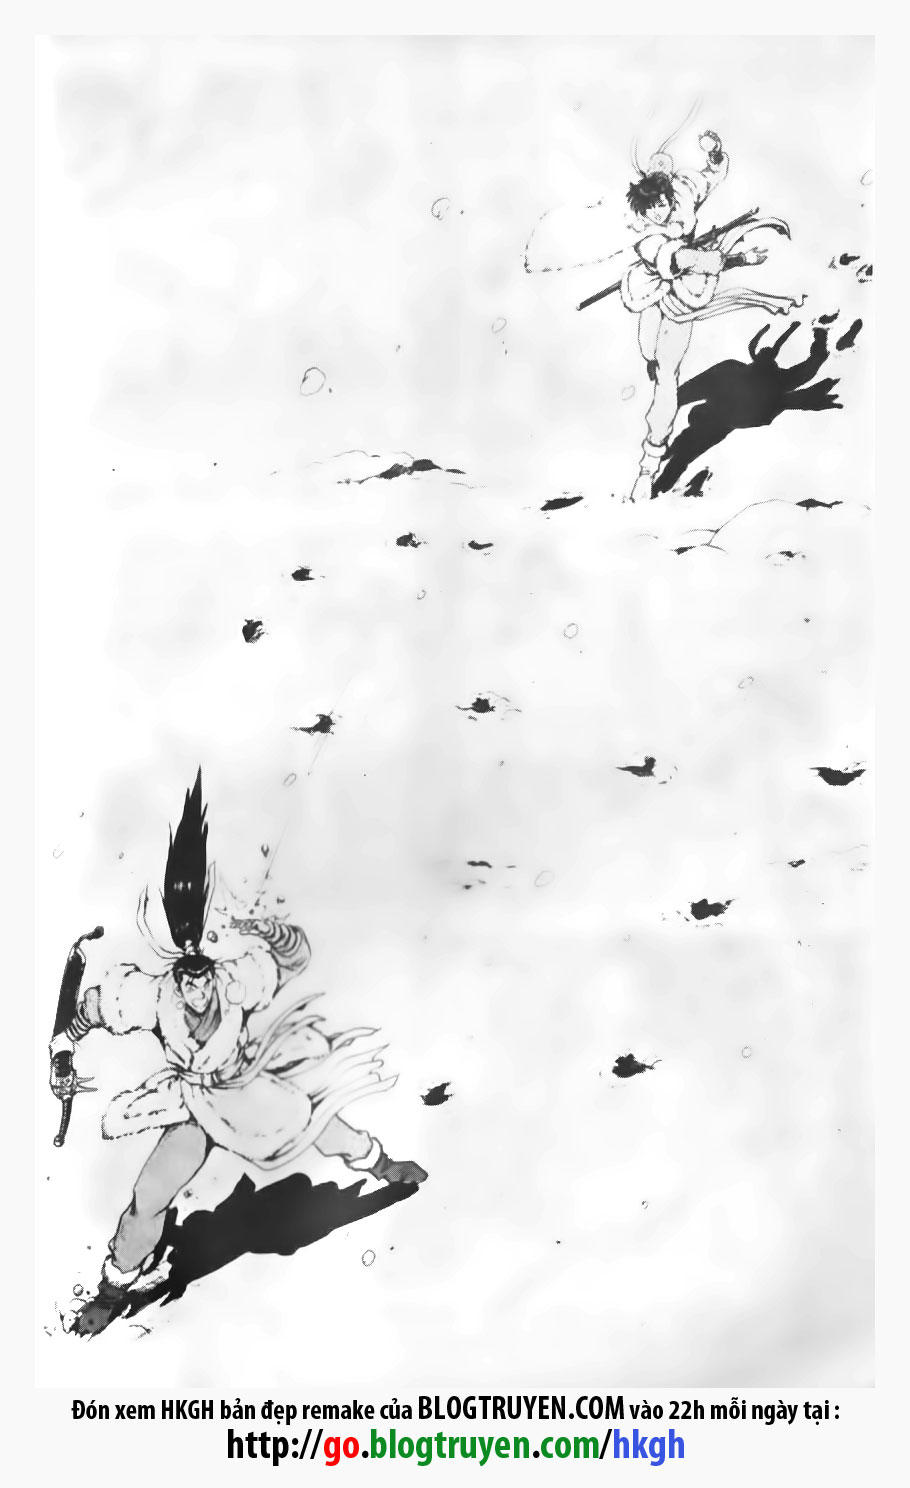 xem truyen moi - Hiệp Khách Giang Hồ Vol14 - Chap 092 - Remake